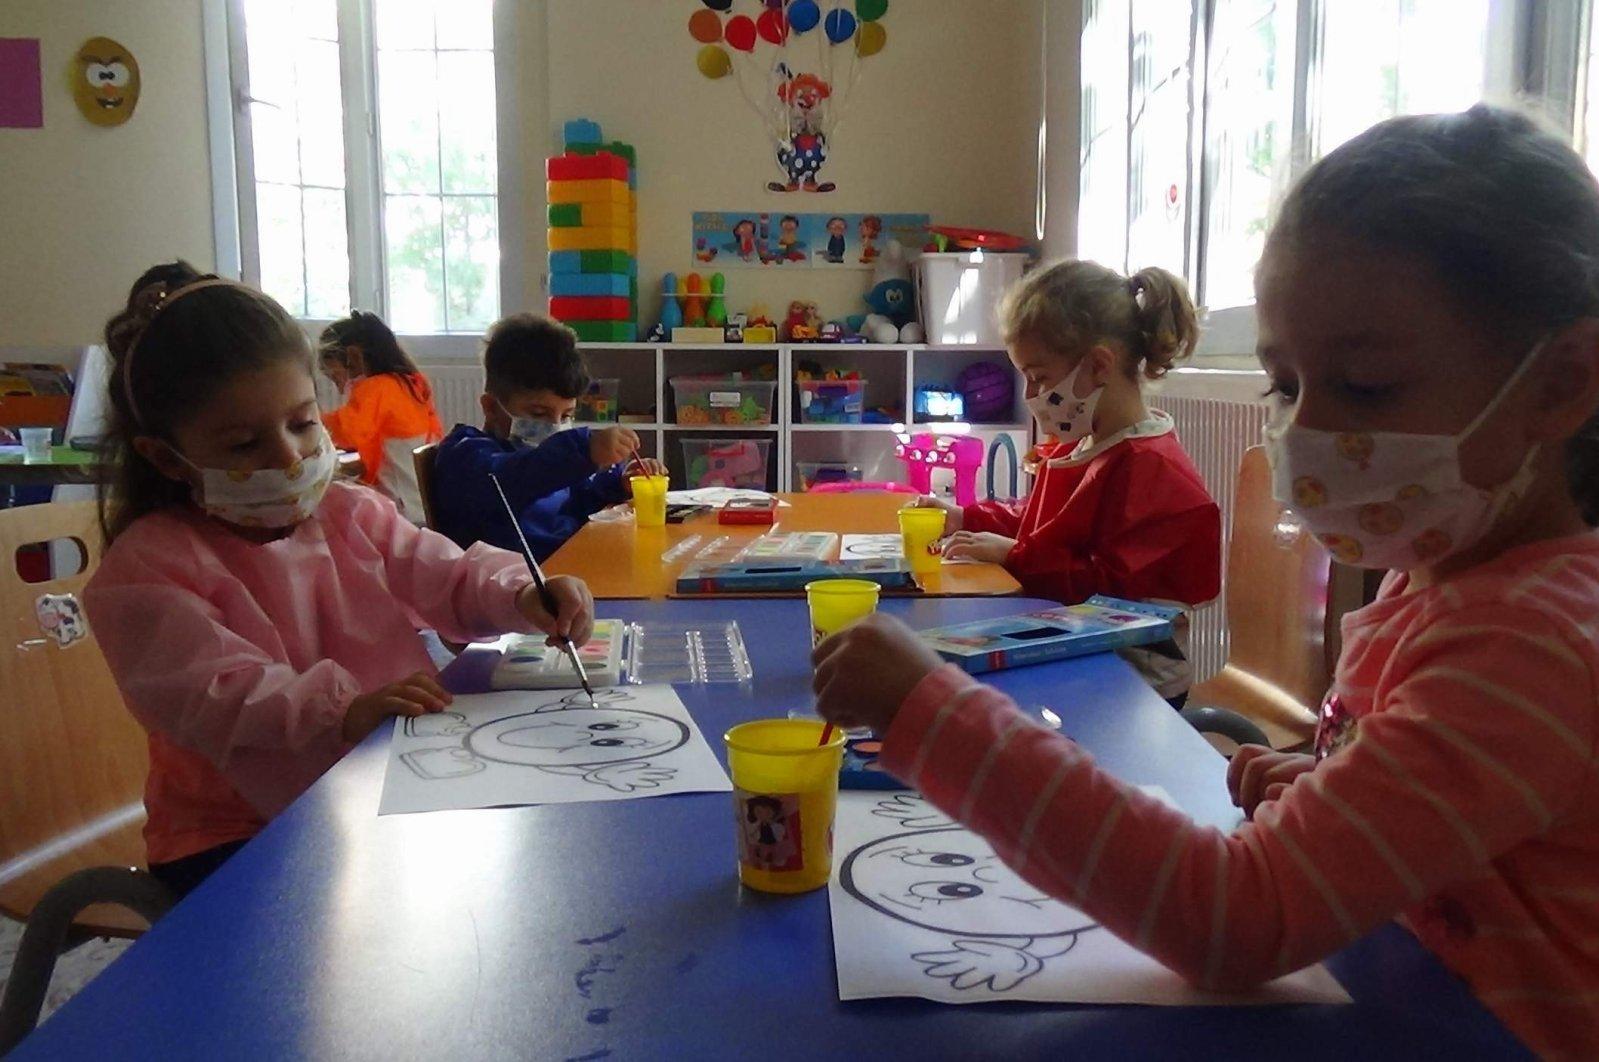 Kindergarten students in a classroom in Siirt, eastern Turkey, Oct. 21, 2020. (IHA Photo)